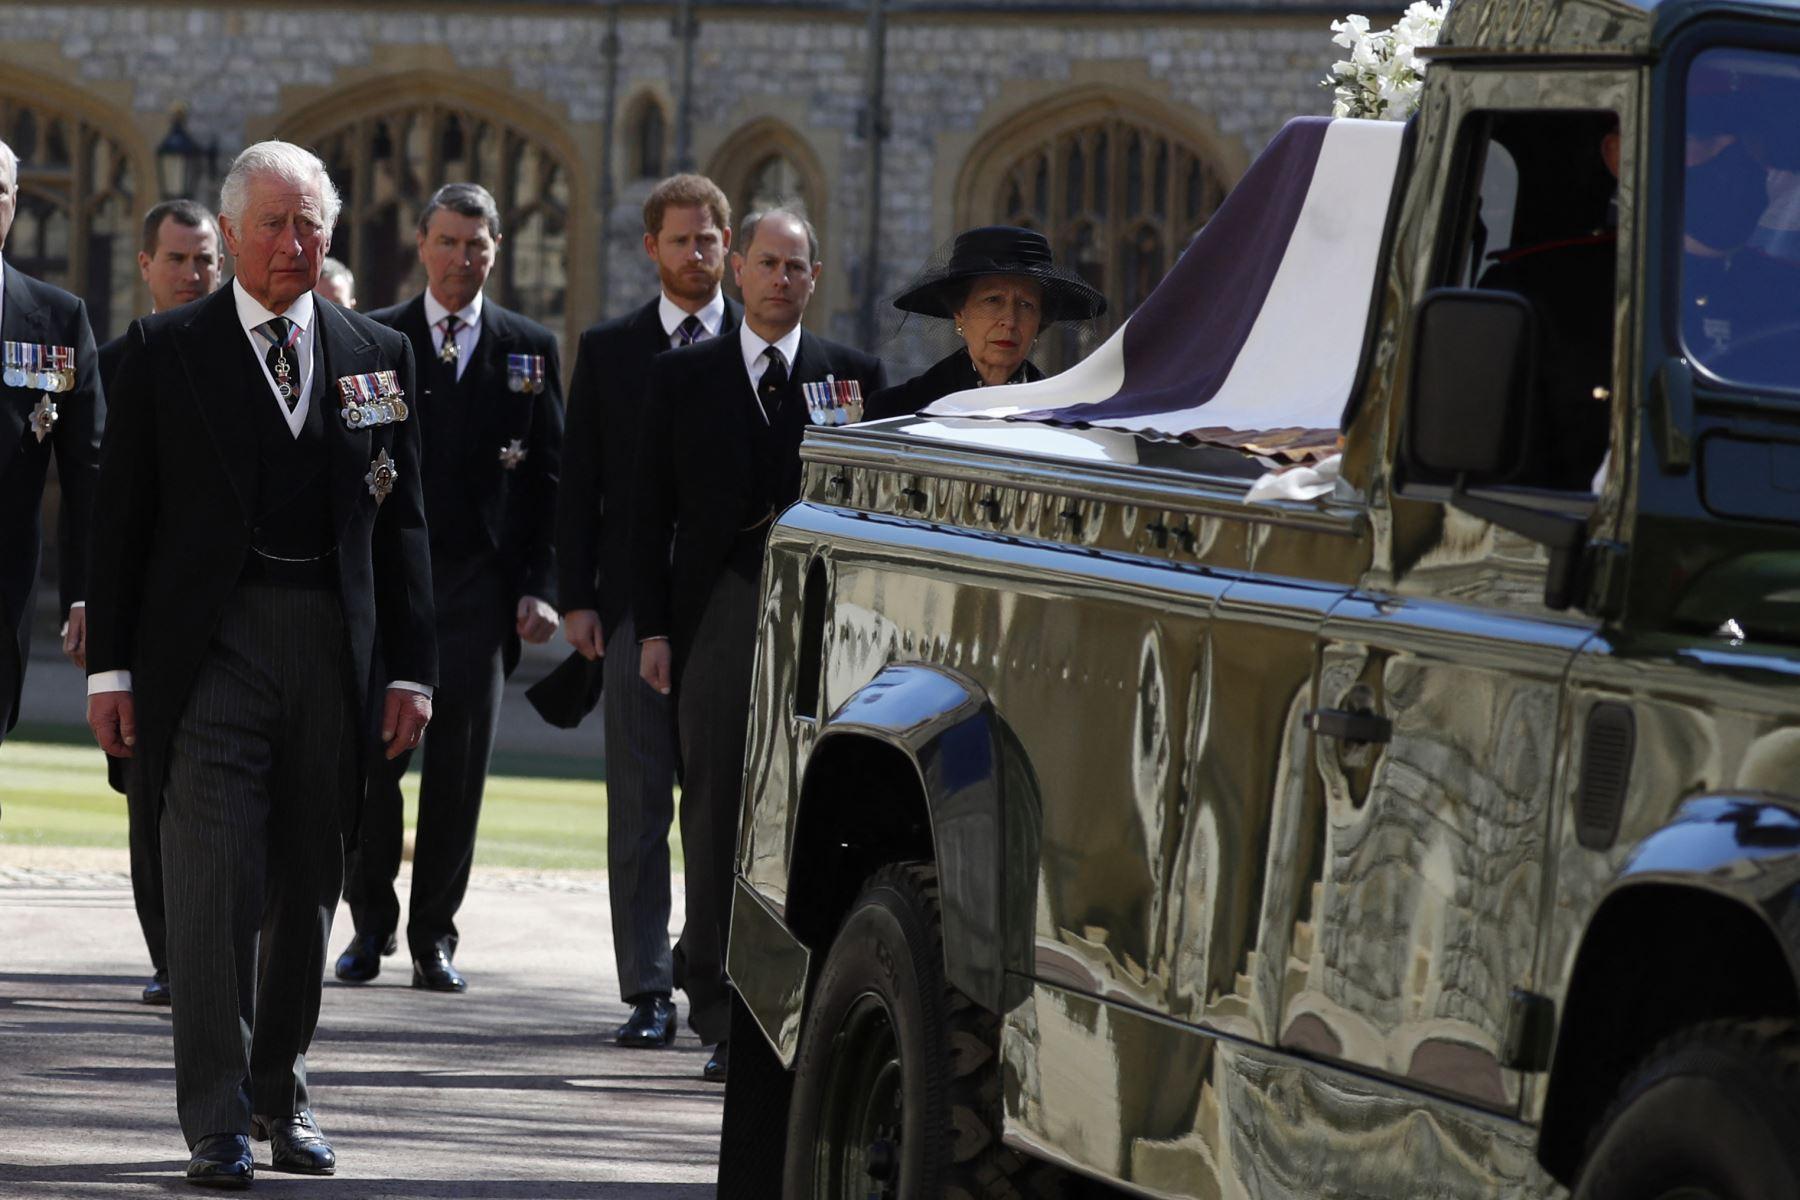 El Príncipe Carlos de Gran Bretaña, Príncipe de Gales sigue el ataúd durante la procesión ceremonial del funeral del Príncipe Felipe de Gran Bretaña, Duque de Edimburgo a la Capilla de San Jorge en el Castillo de Windsor. Foto: AFP